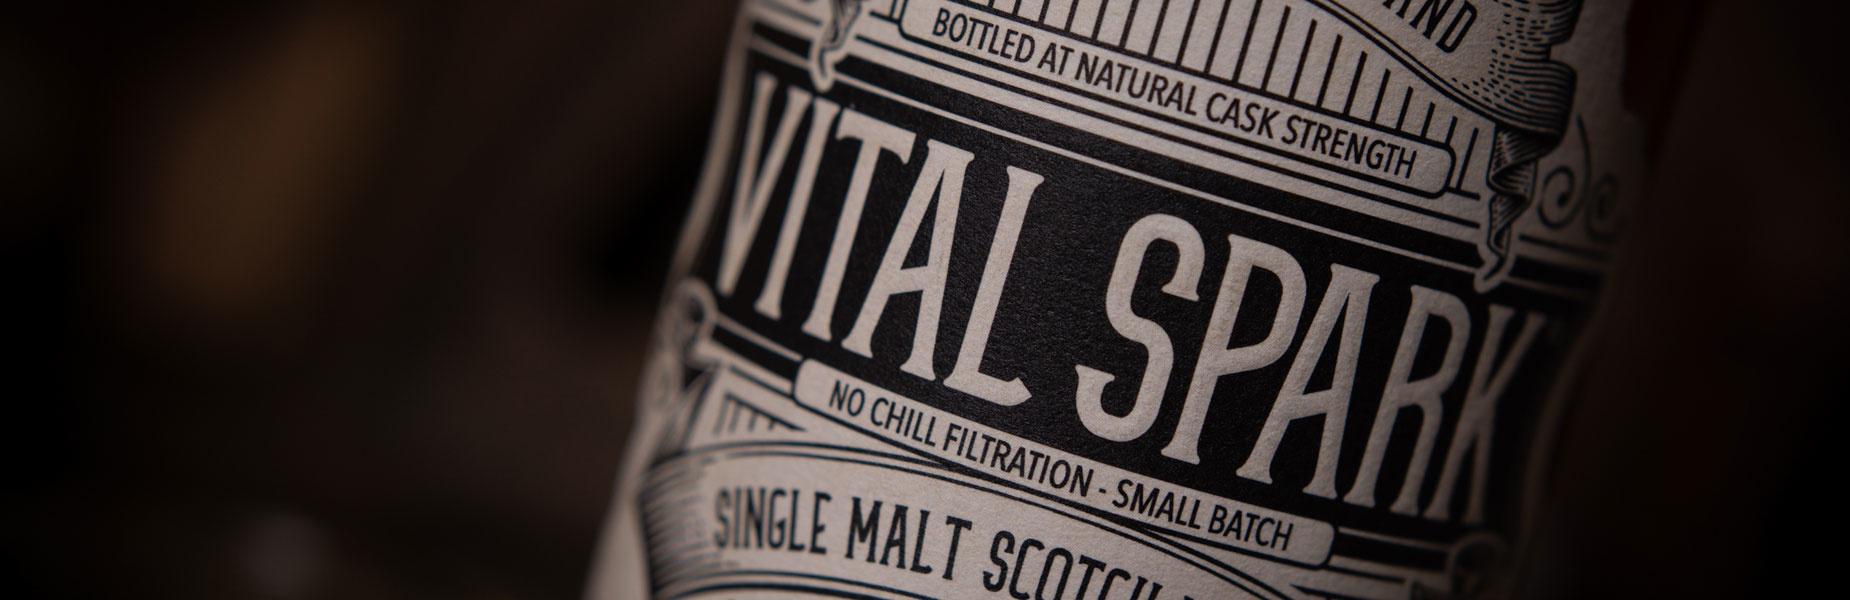 Vital Spark Heavily Peated Single Malt exklusiv für Alba Import